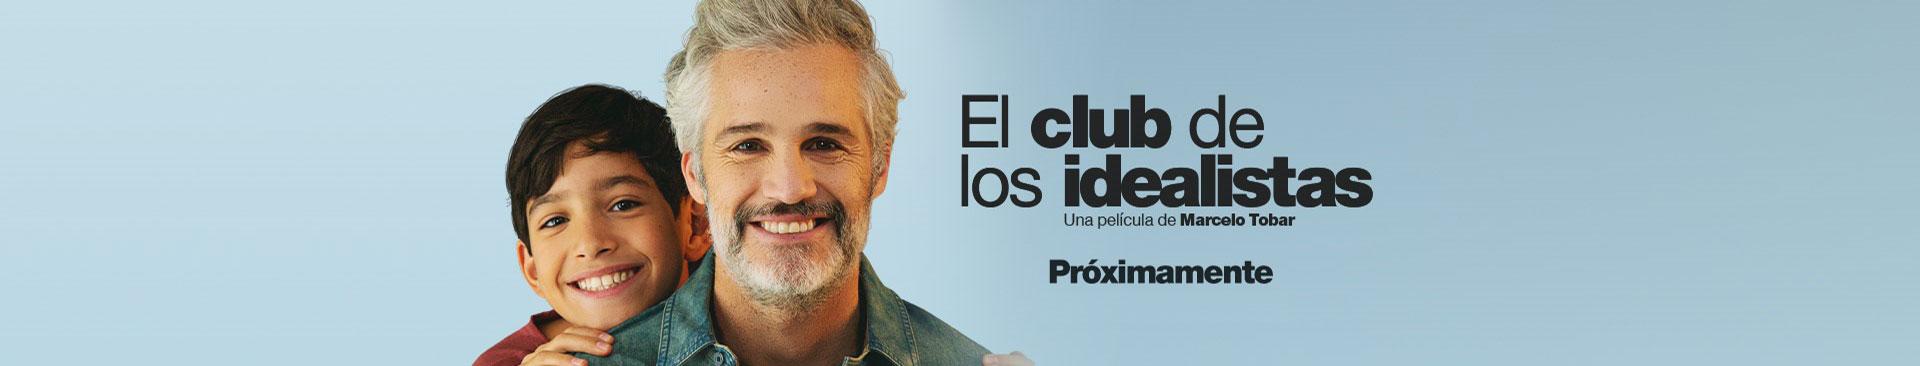 Próximamente: El Club de los Idealistas